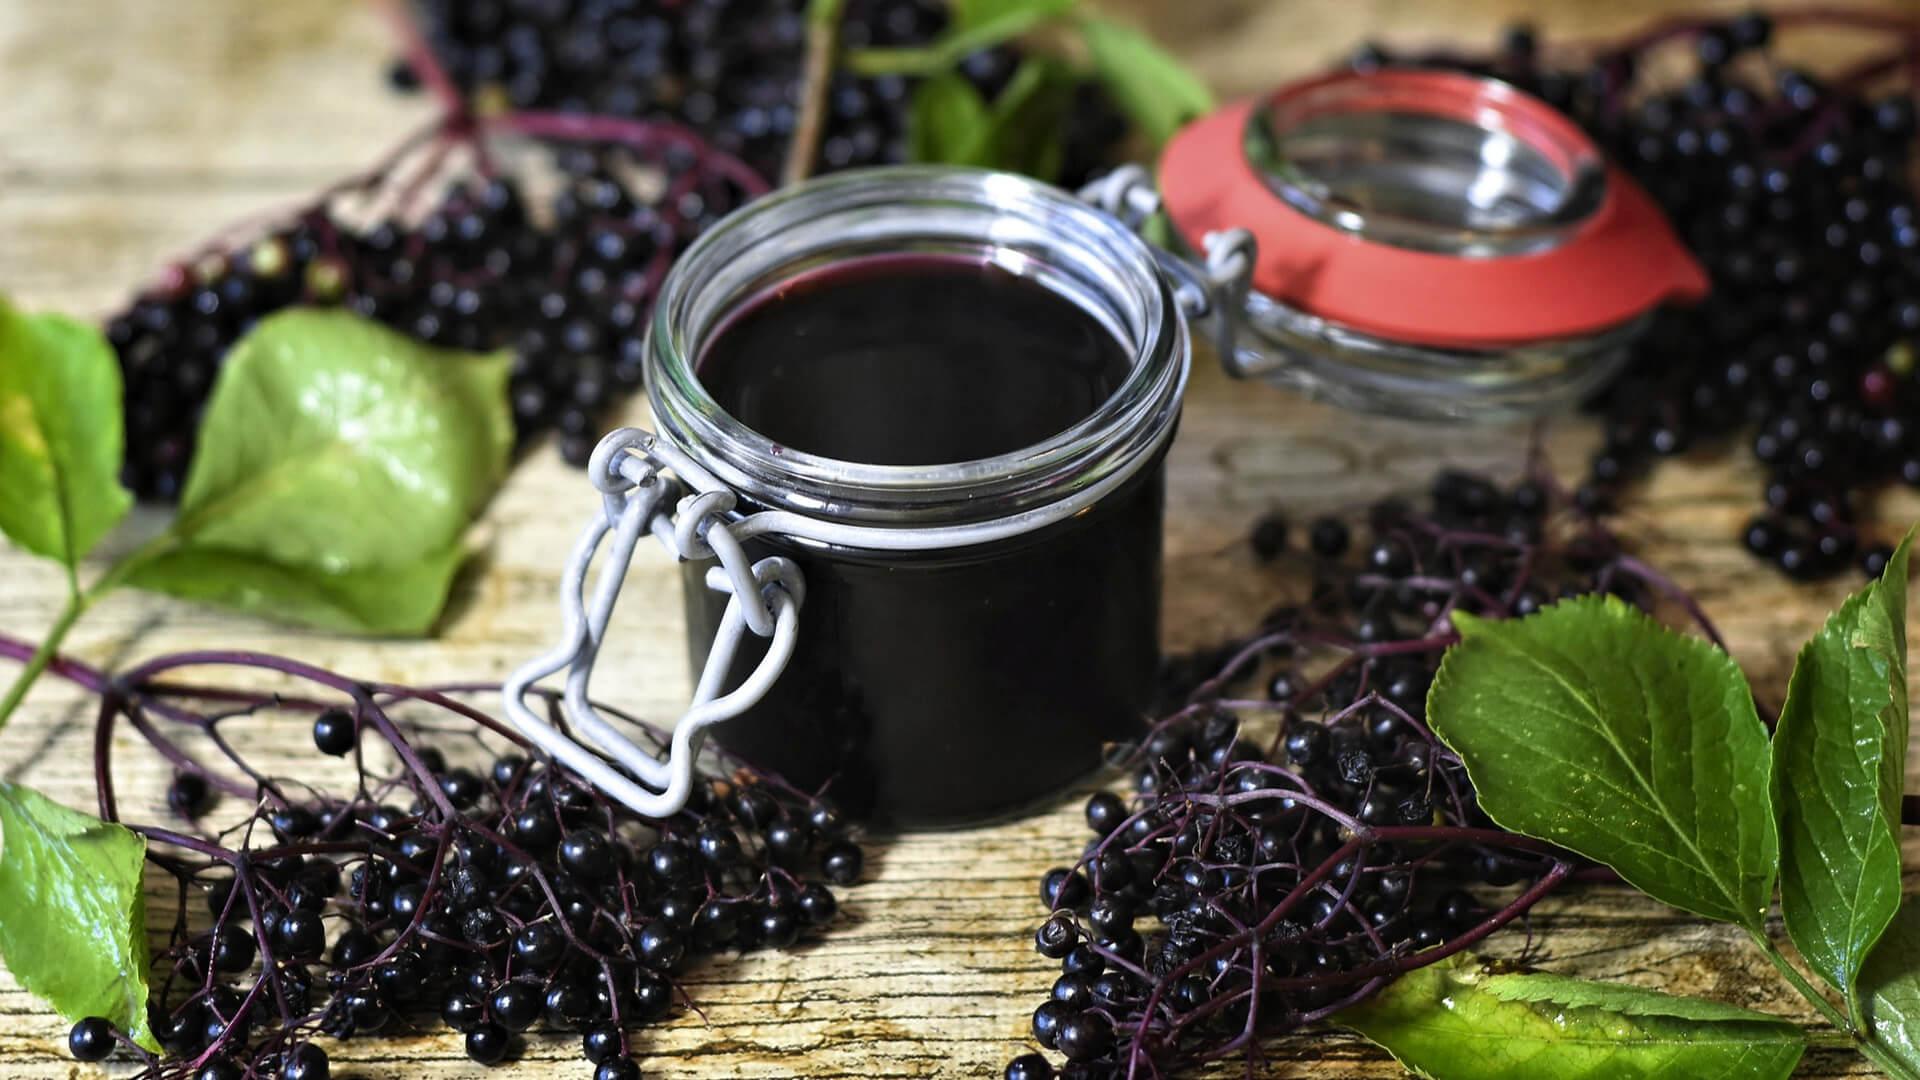 Elderberries and jar of elderberry syrup